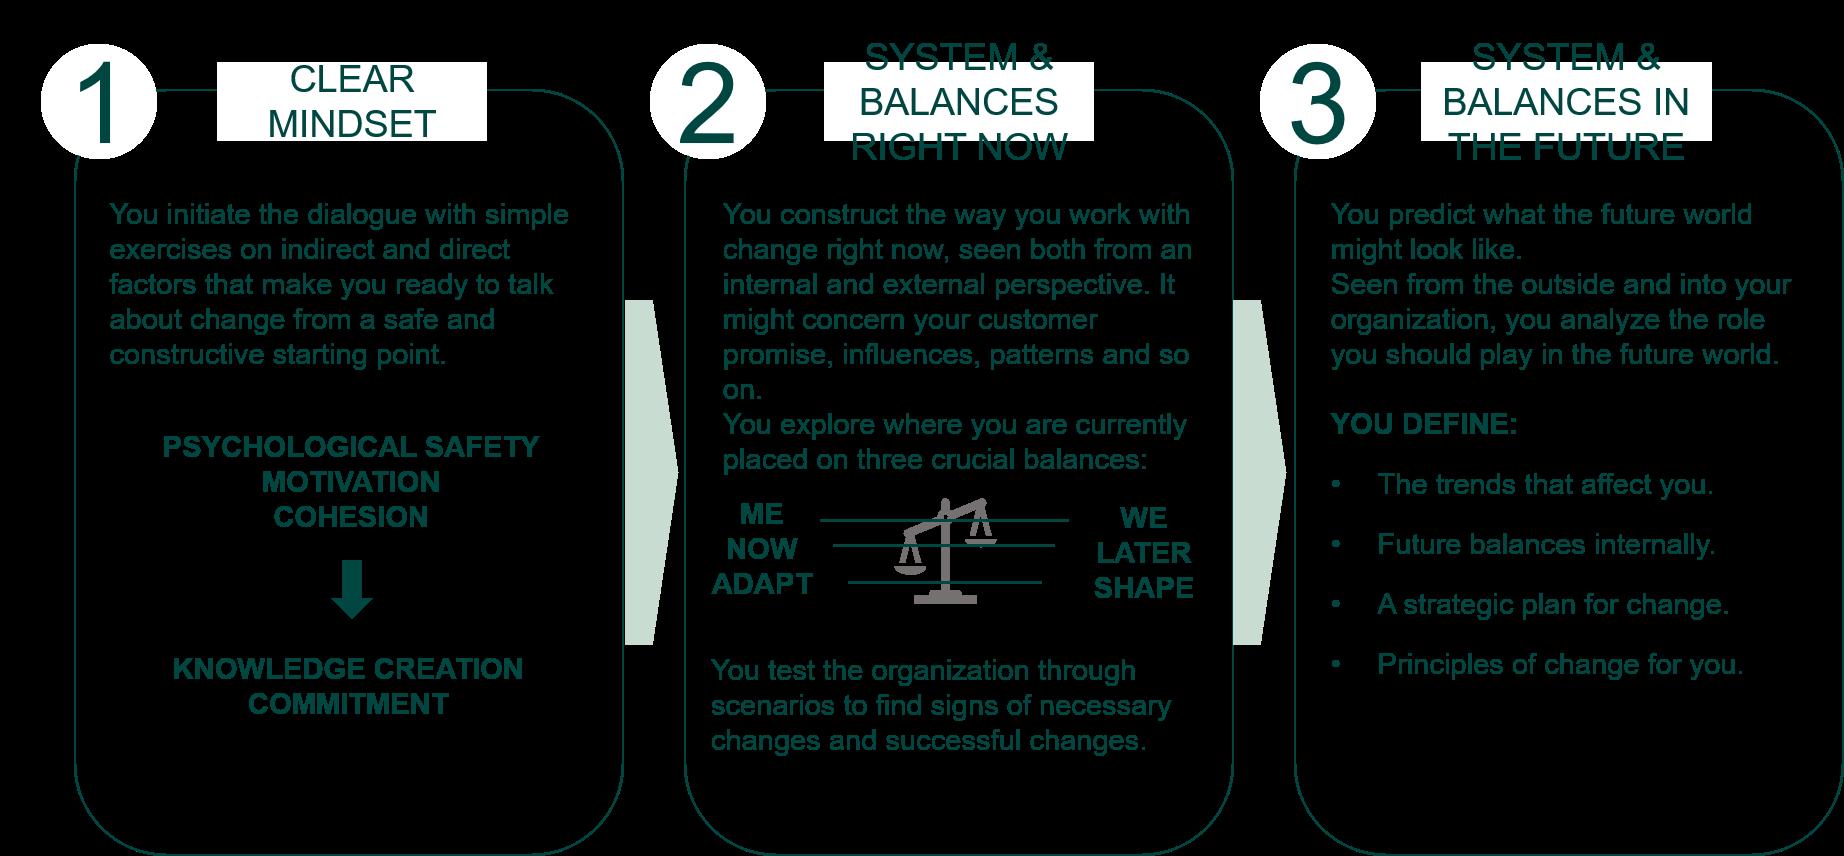 Change management - Inthrface model - Parat til forandringer LIGE NU